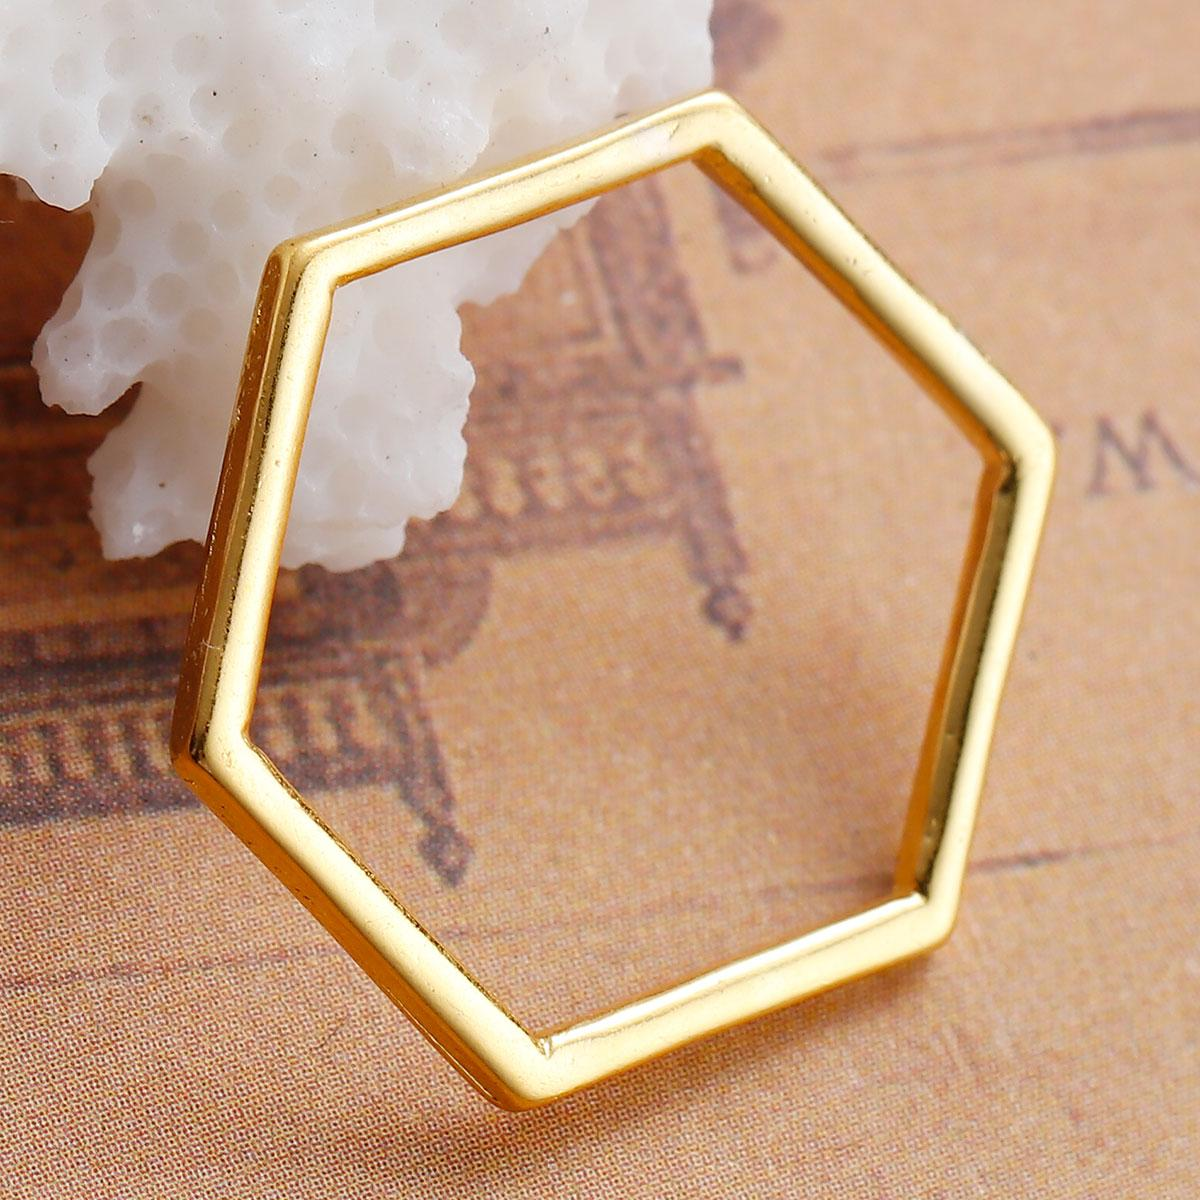 """Конектор """" Соти """", Цинковий сплав, Колір: Золото, 22 мм x 20 мм"""